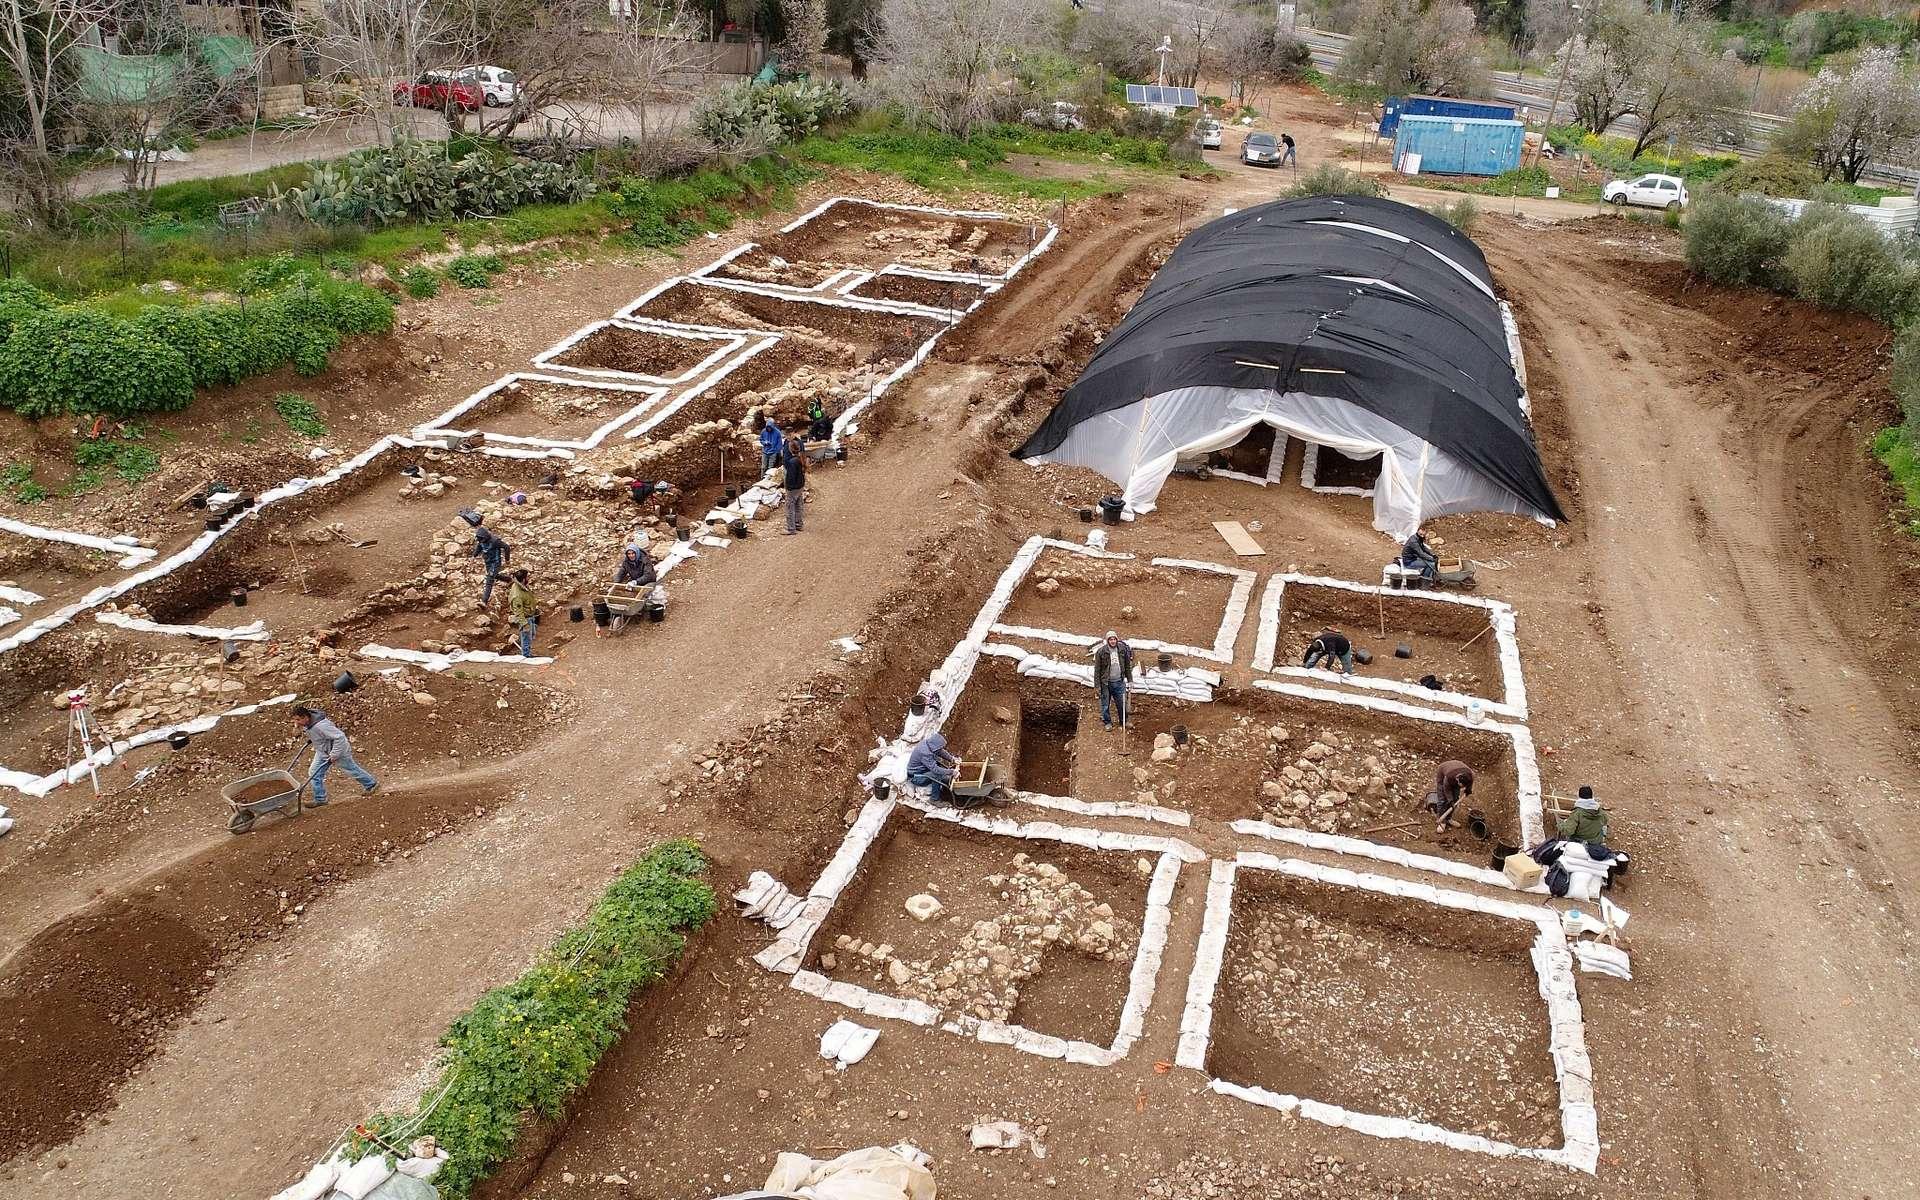 Une ville de 9.000 ans a été mise au jour près de Jérusalem en Israël. Ce devait être la plus grande ville du Moyen-orient à cette époque. © Israel Antiquities Authority